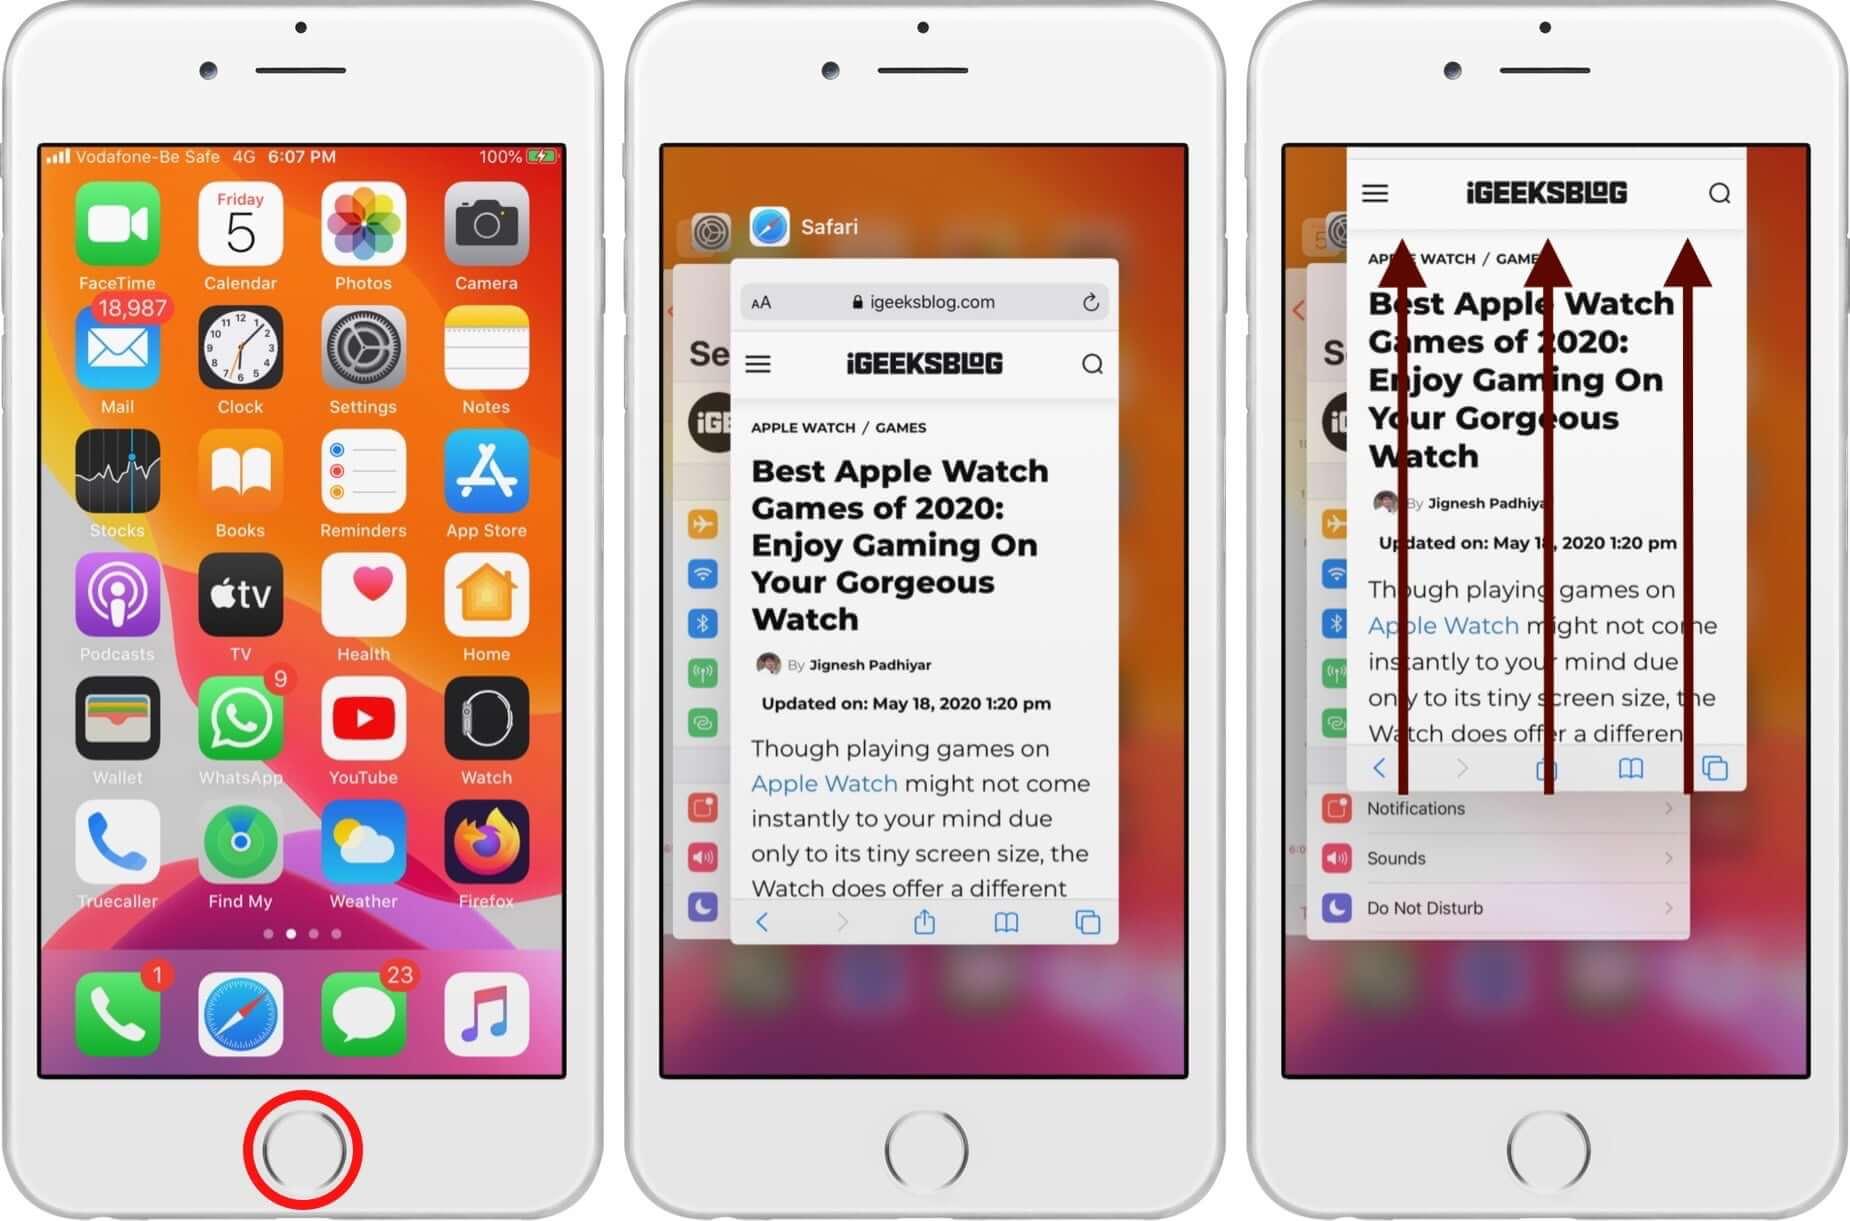 Force Quit Safari on iPhone